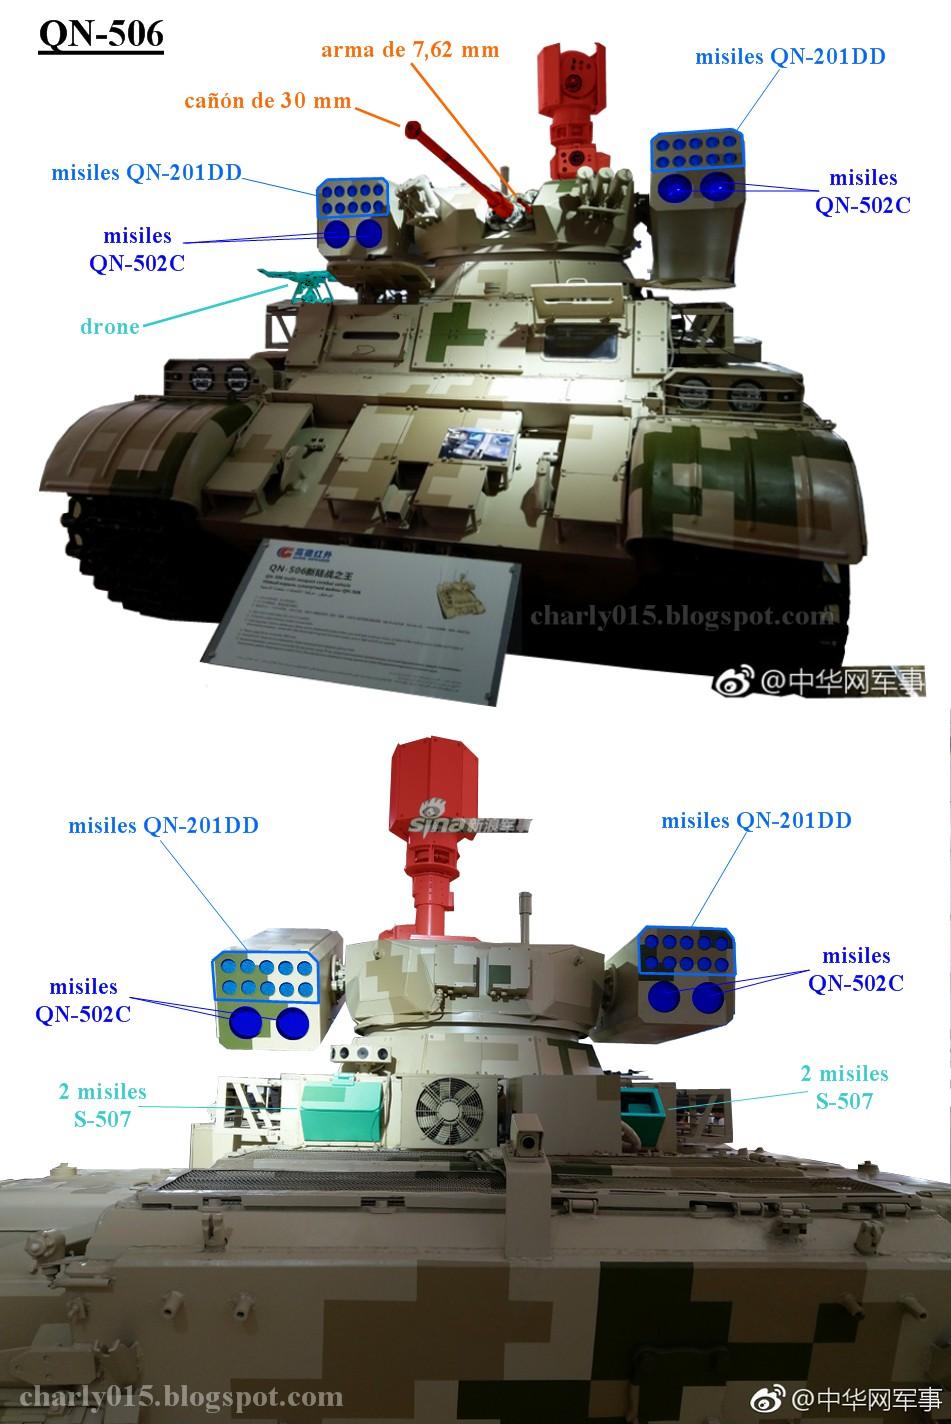 Fuerzas armadas de la República Popular China - Página 12 China%2Bqn-506